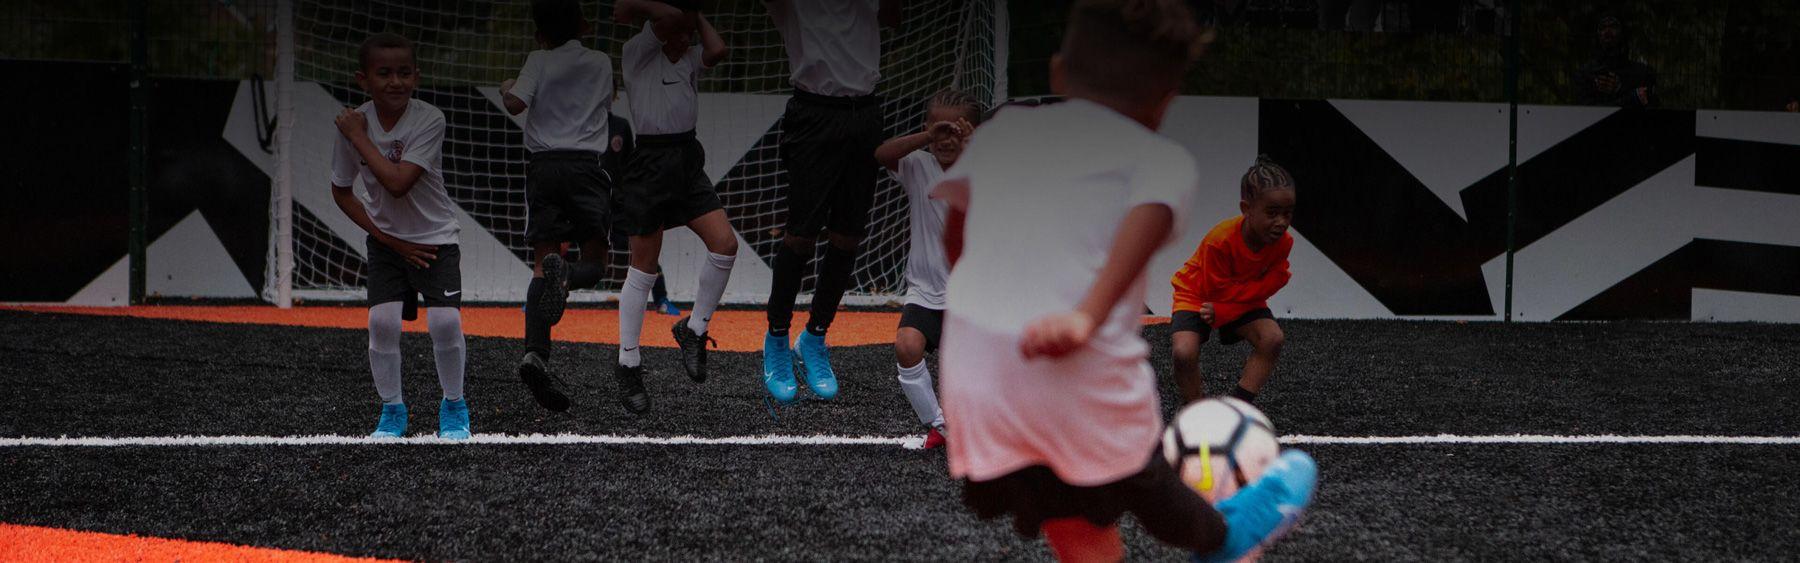 Botas de fútbol para niño - Botas de fútbol